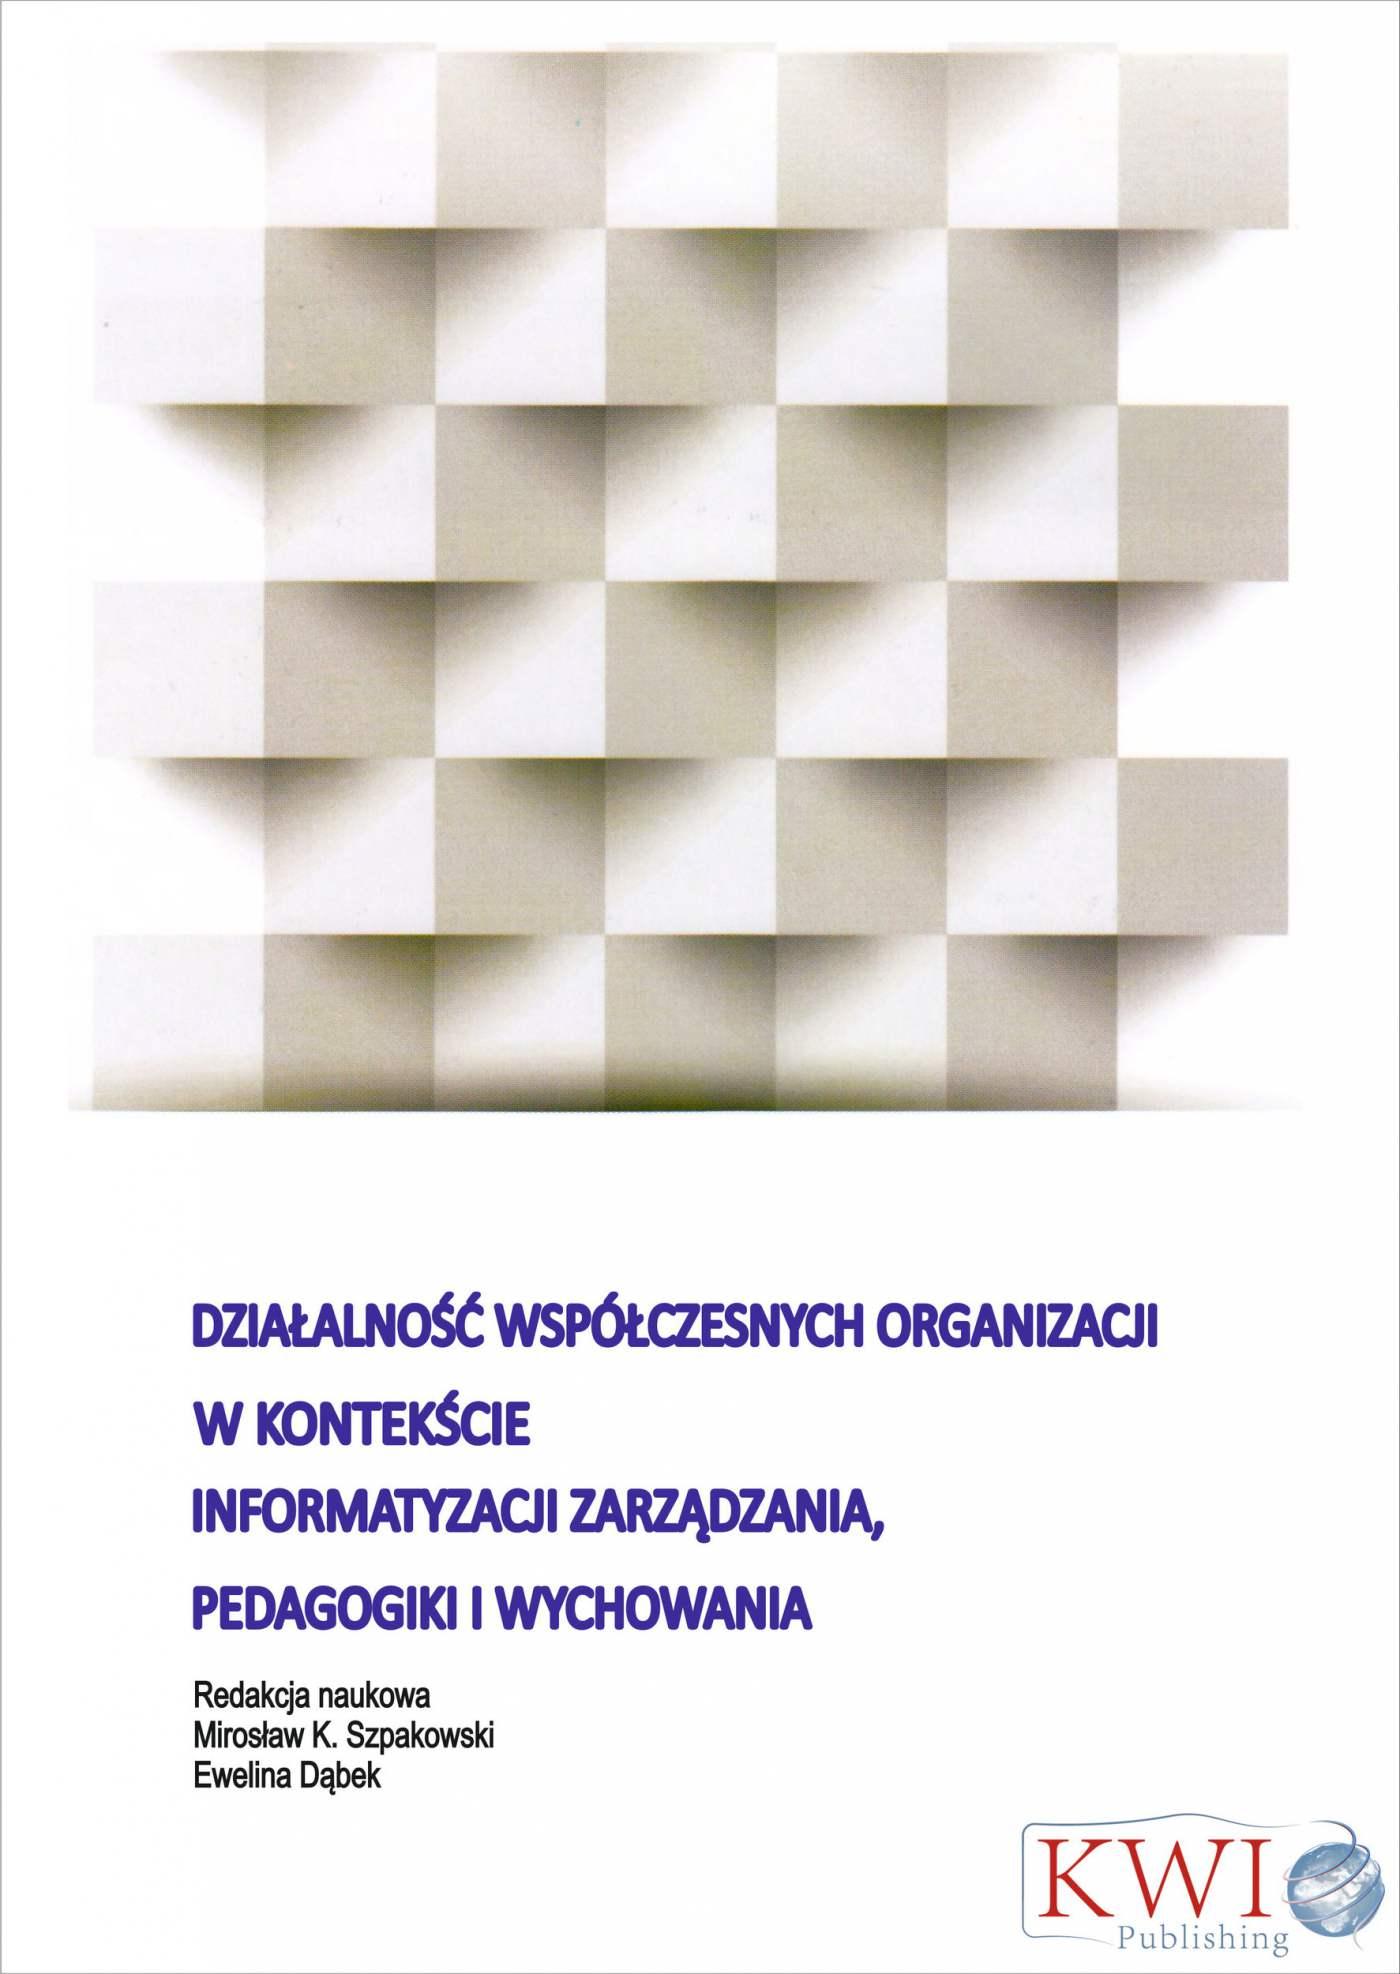 Działalność współczesnych organizacji w kontekście informatyzacji zarządzania, pedagogiki i wychowania - Ebook (Książka EPUB) do pobrania w formacie EPUB